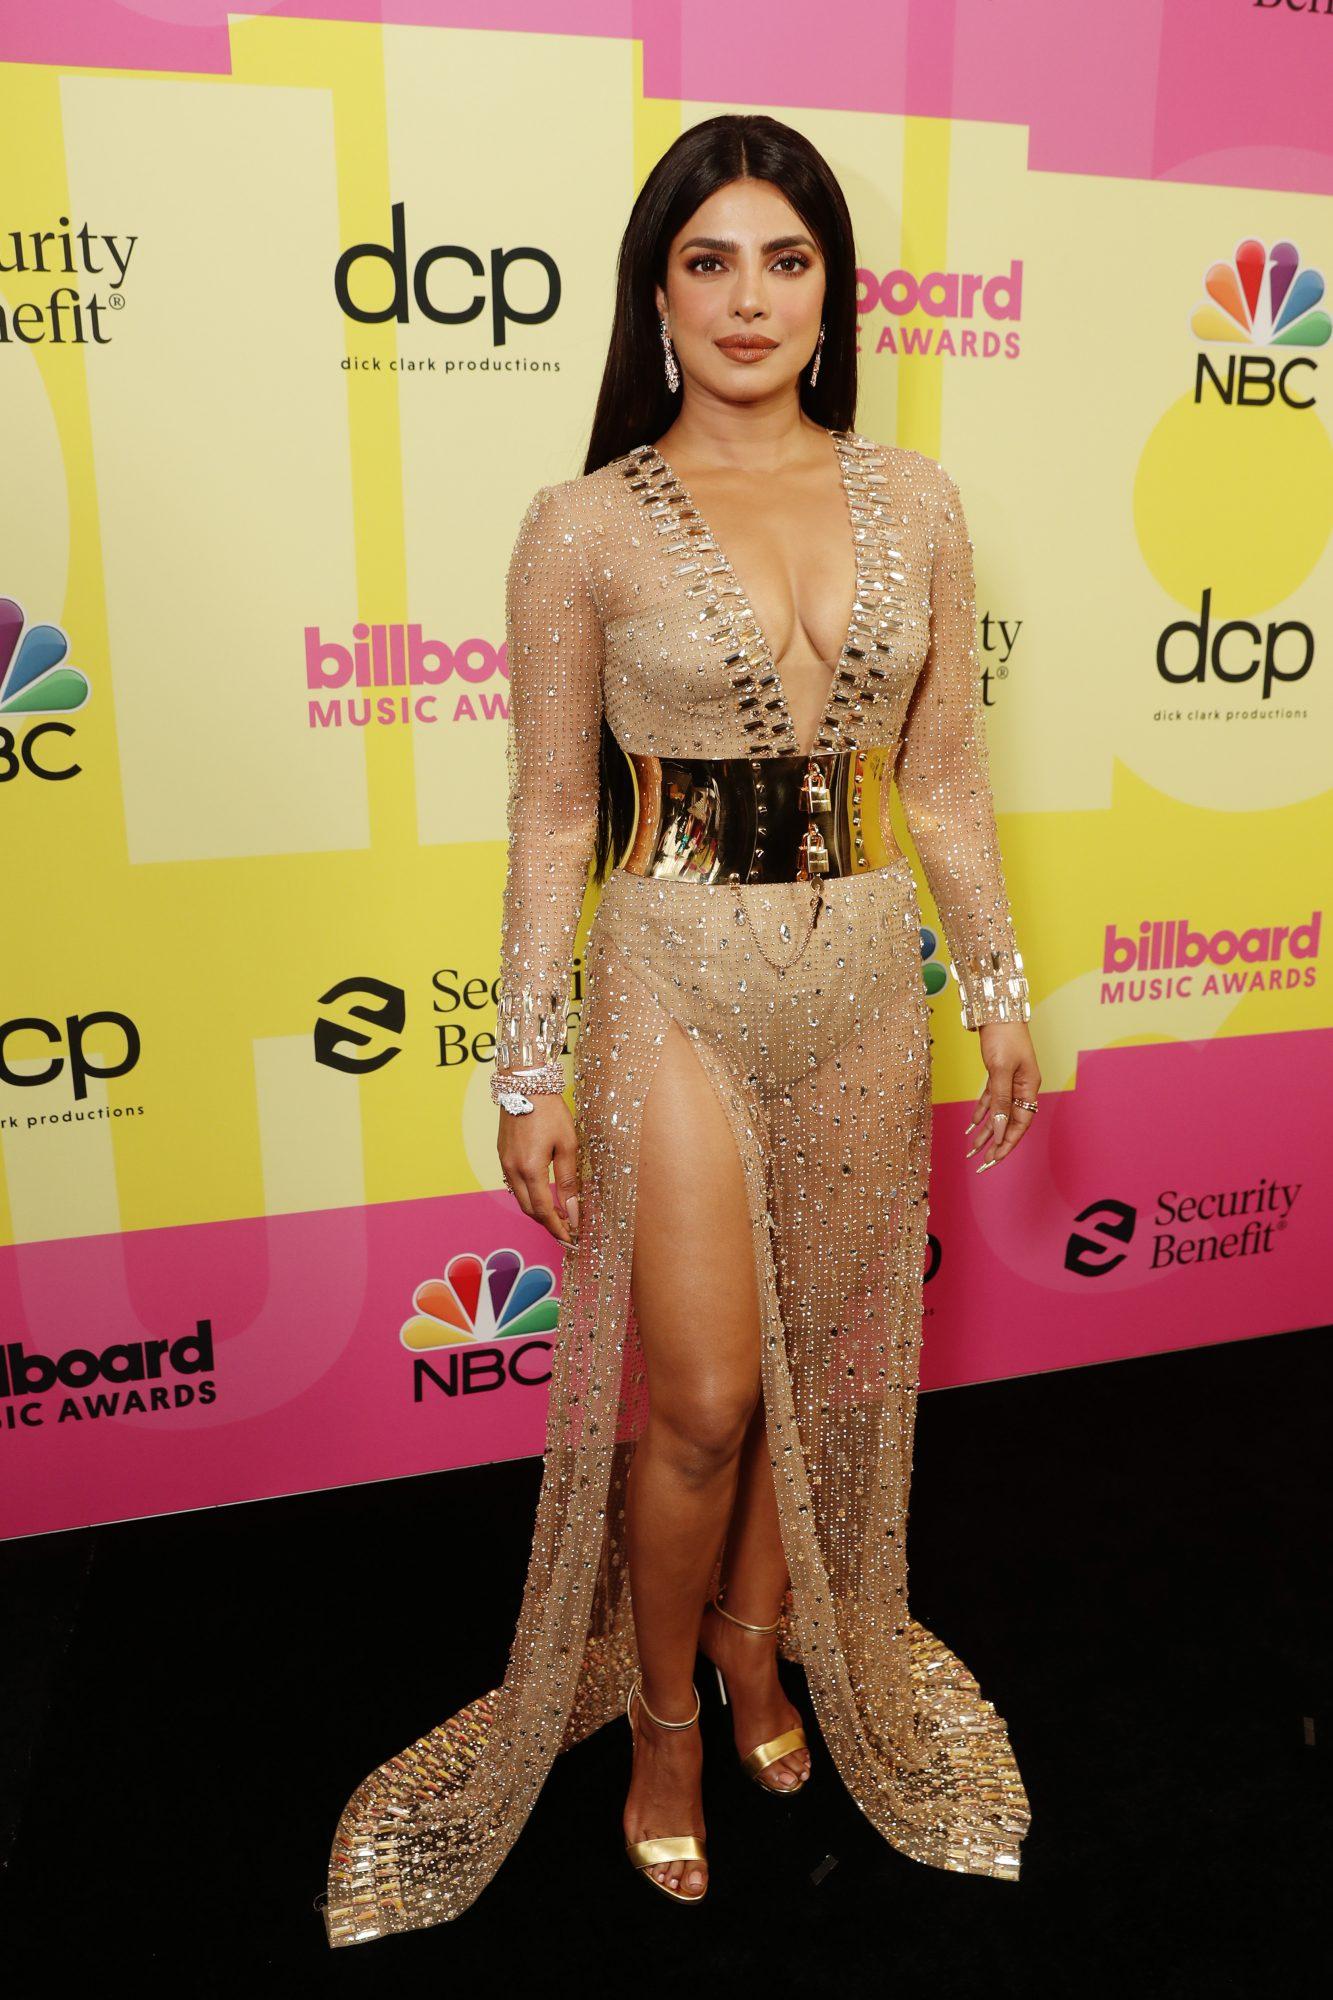 Mejor vestidas billboard music awards